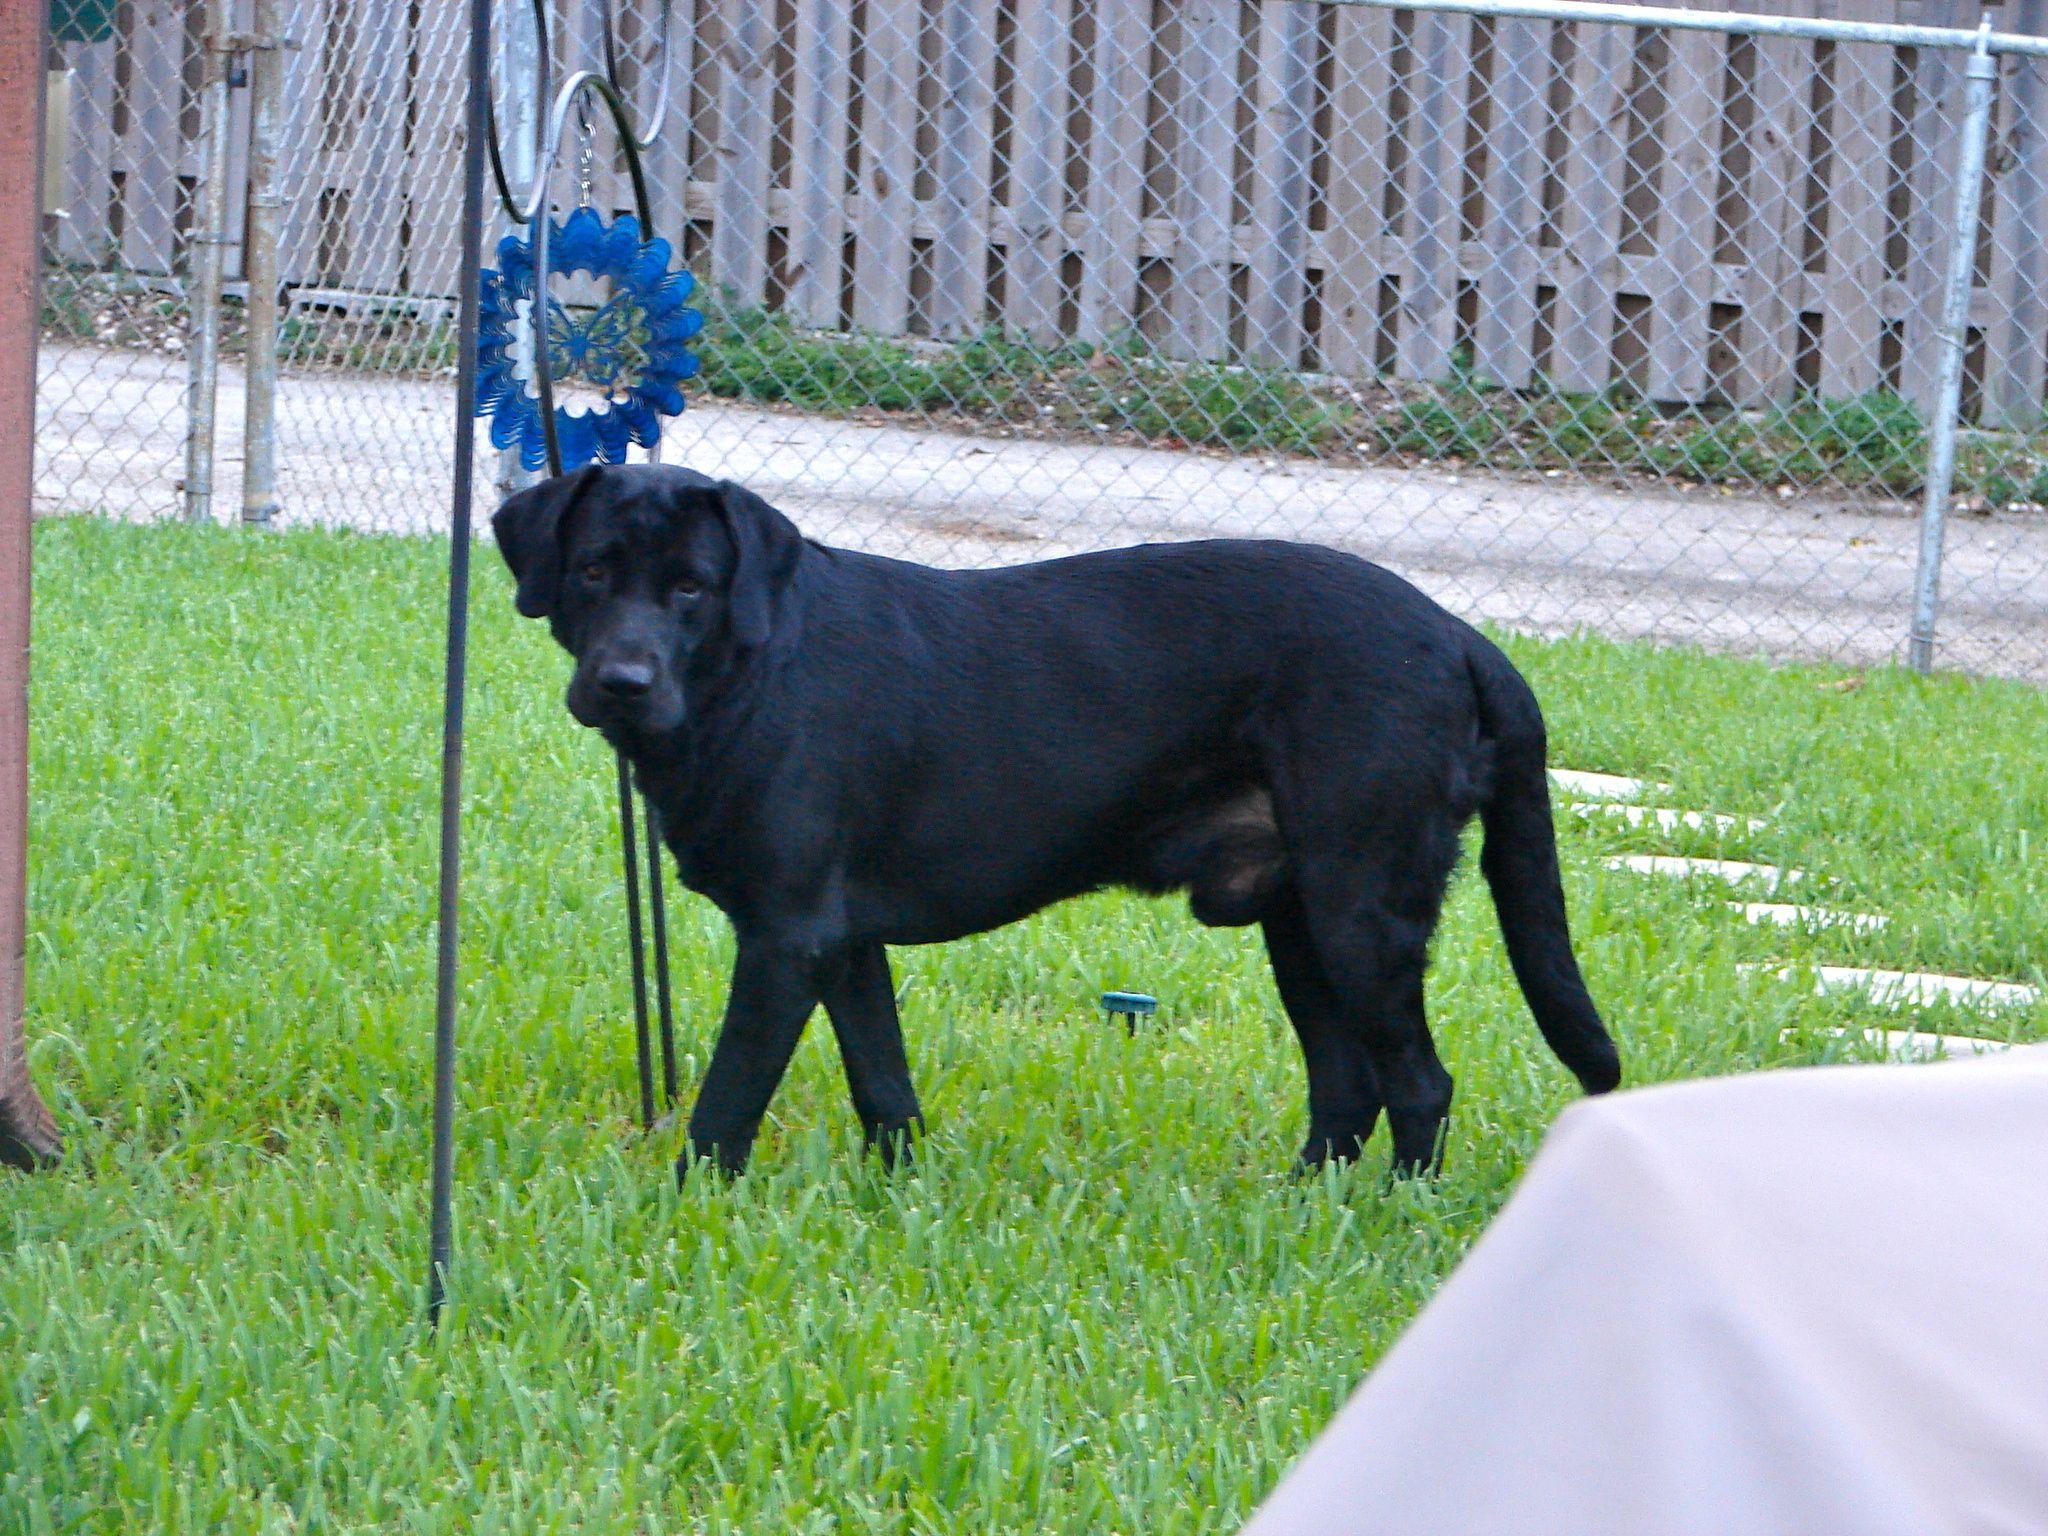 Exploring his yard.